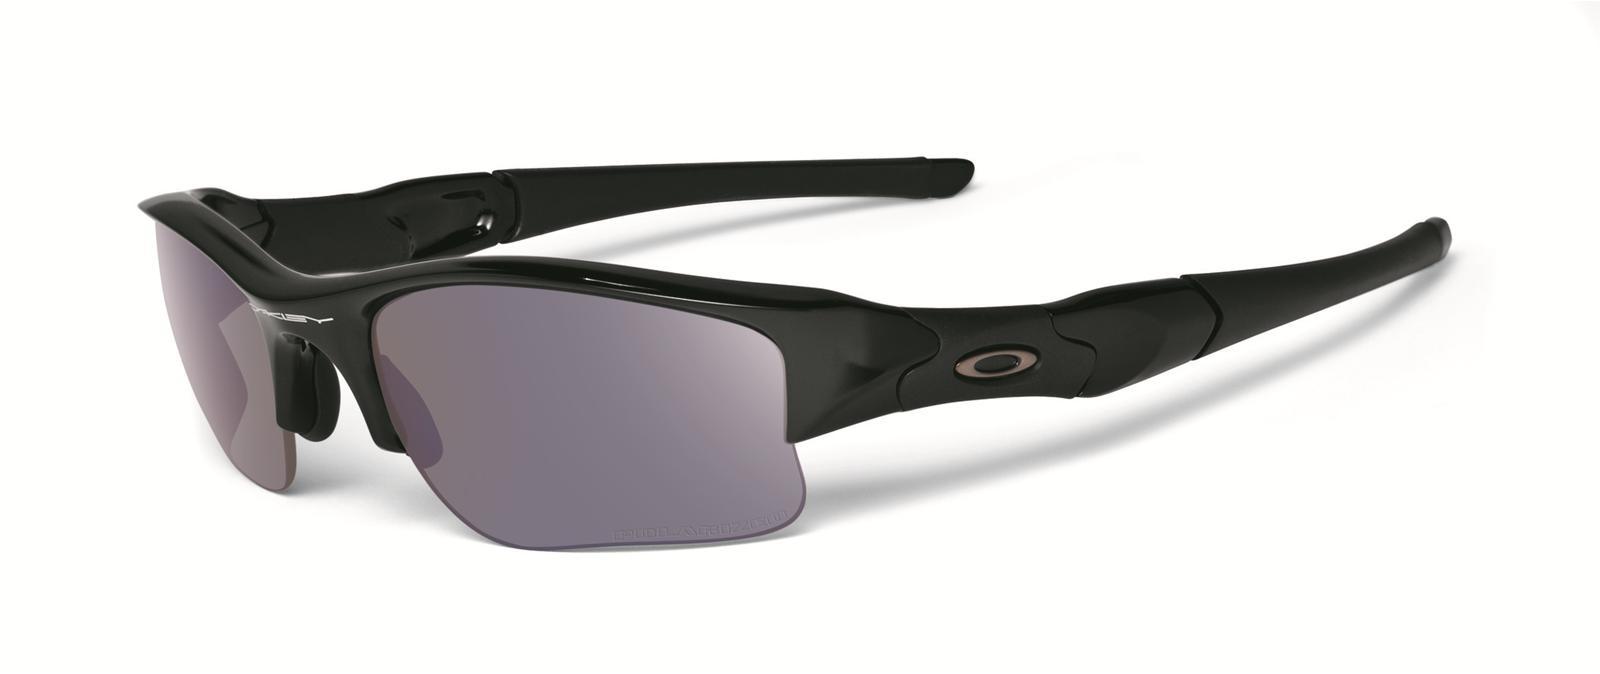 Oakley polarized sunglasses fishing for Oakley polarized fishing sunglasses